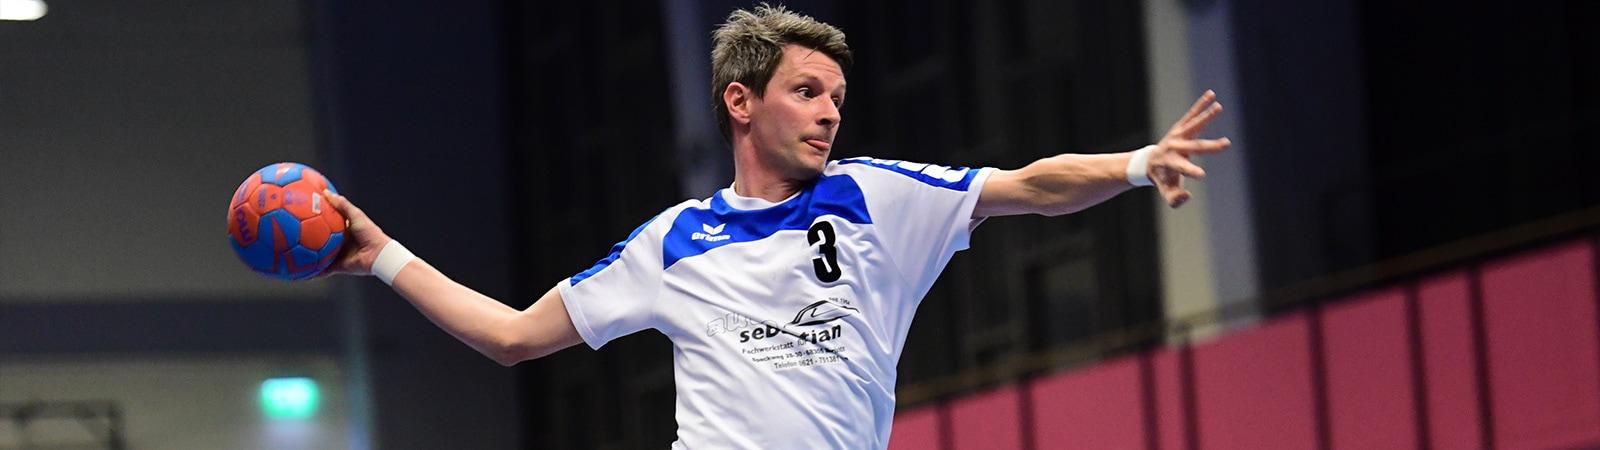 Handball der TSG Weinheim